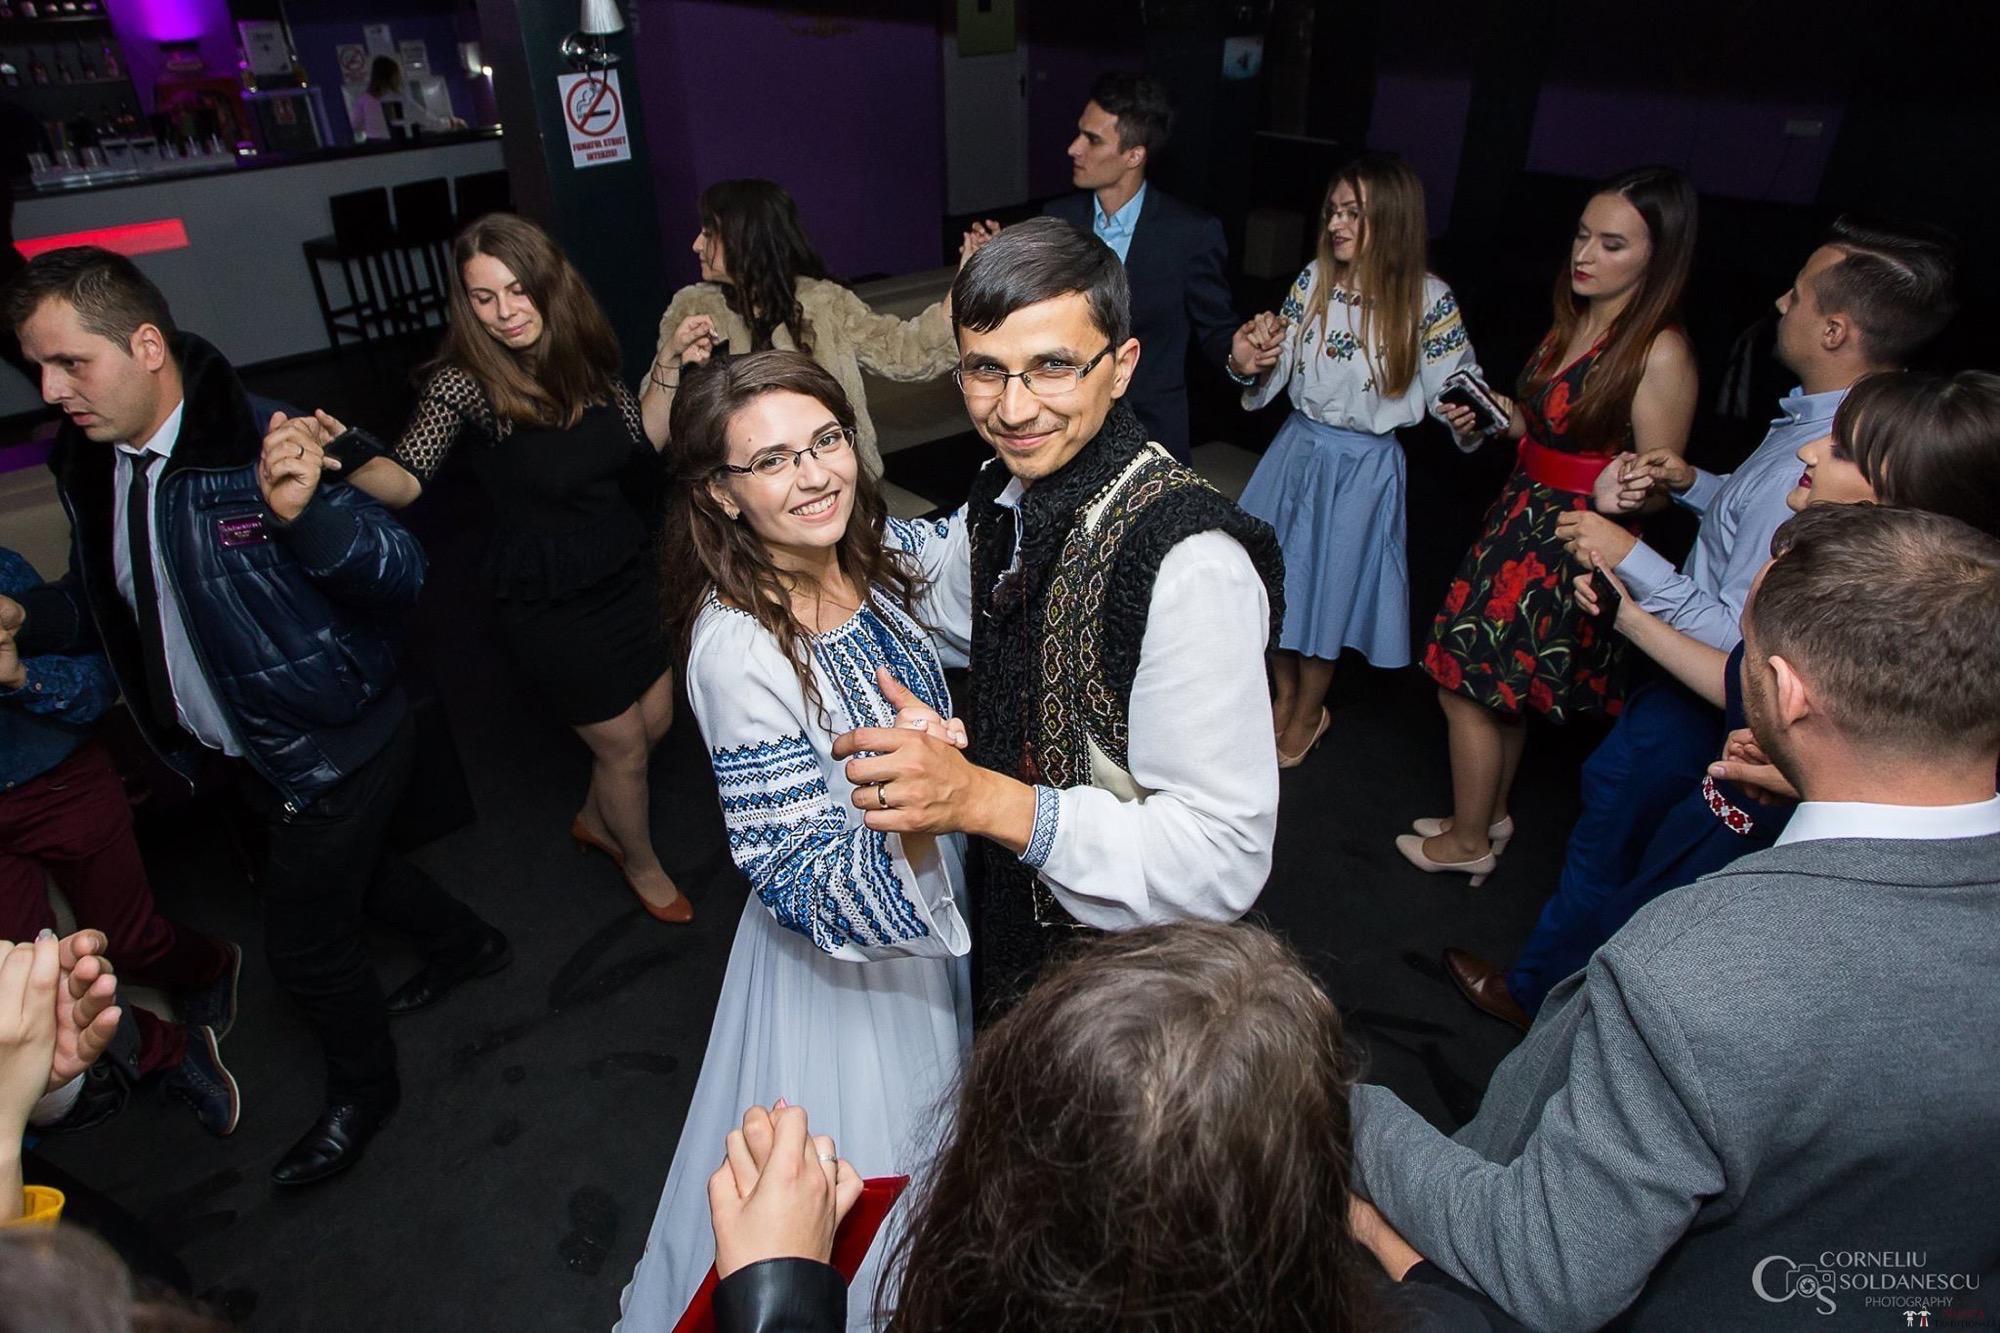 Povești Nunți Tradiționale - Ioana-Alexandra și Bogdan-Vasile. Nuntă tradițională în Fălticeni 29